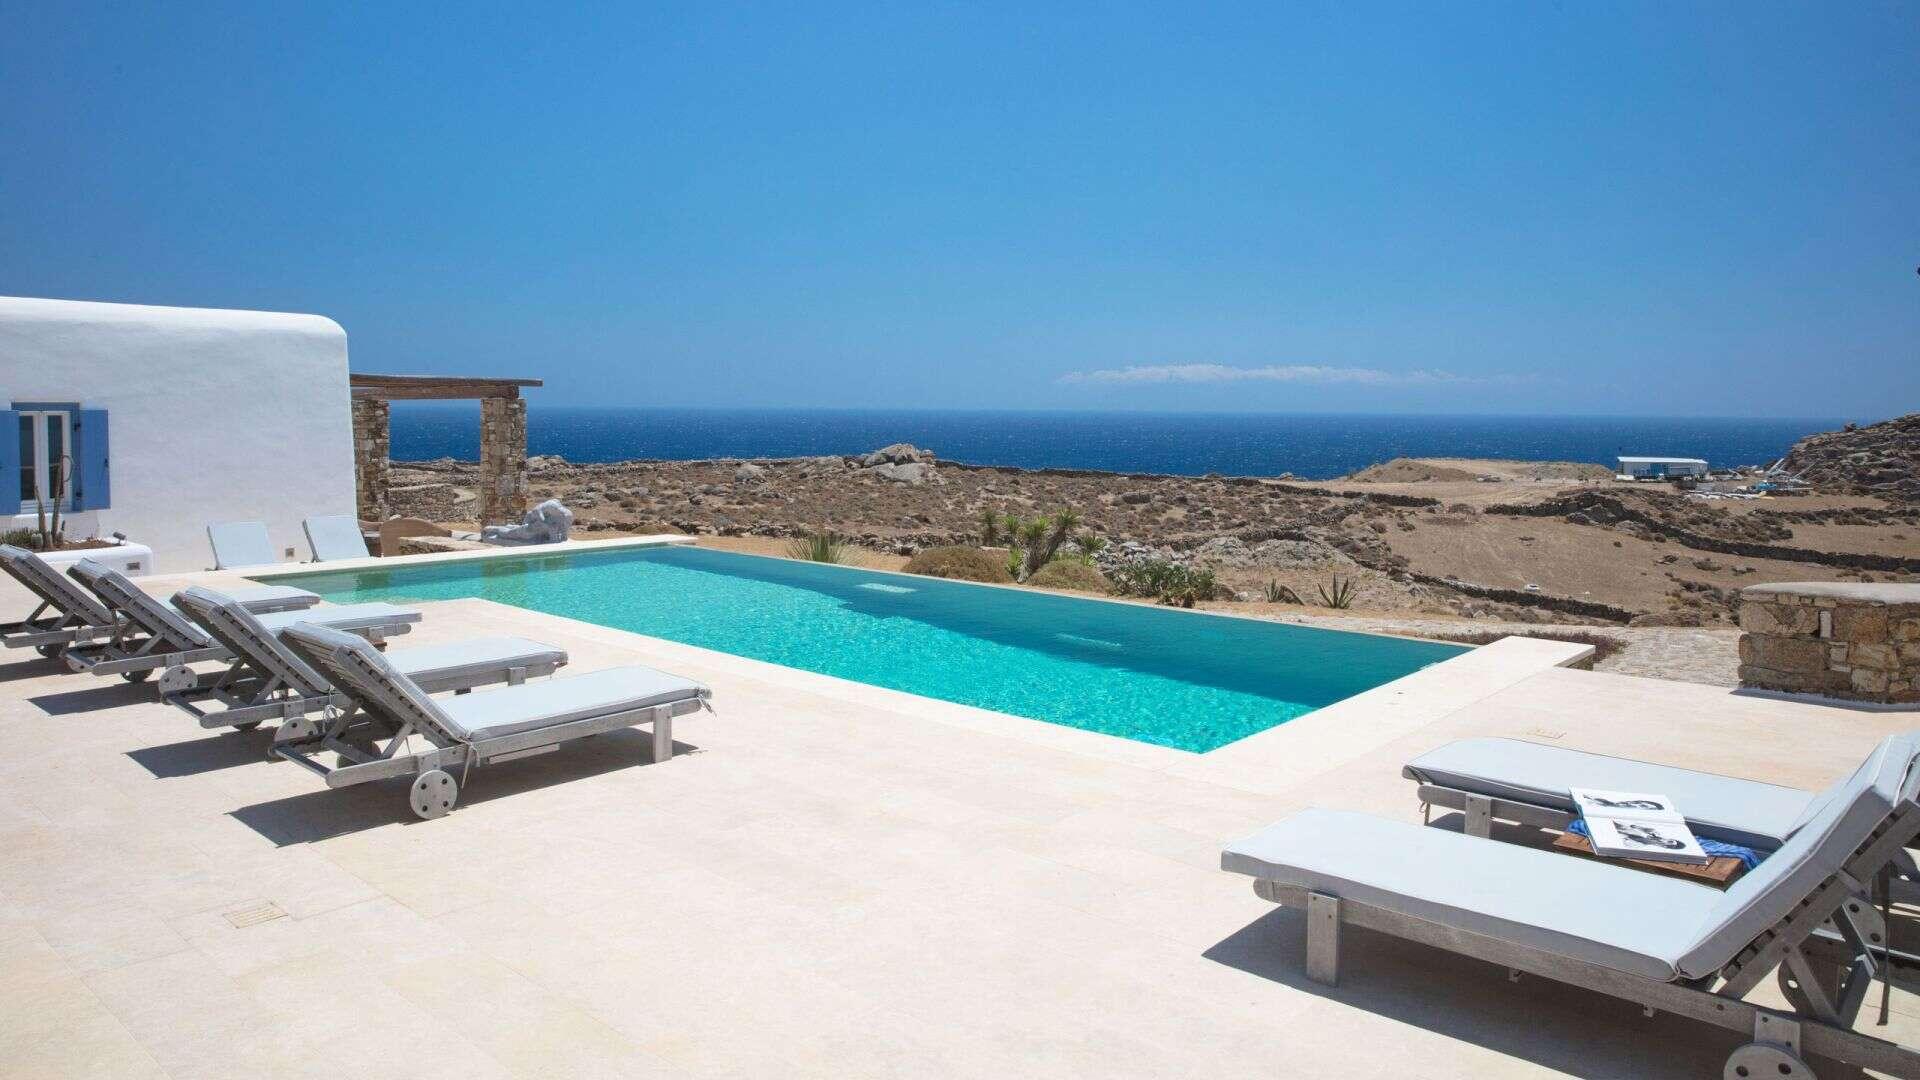 Luxury vacation rentals europe - Greece - Mykonos - Pyrgi - Pelicanos - Image 1/16